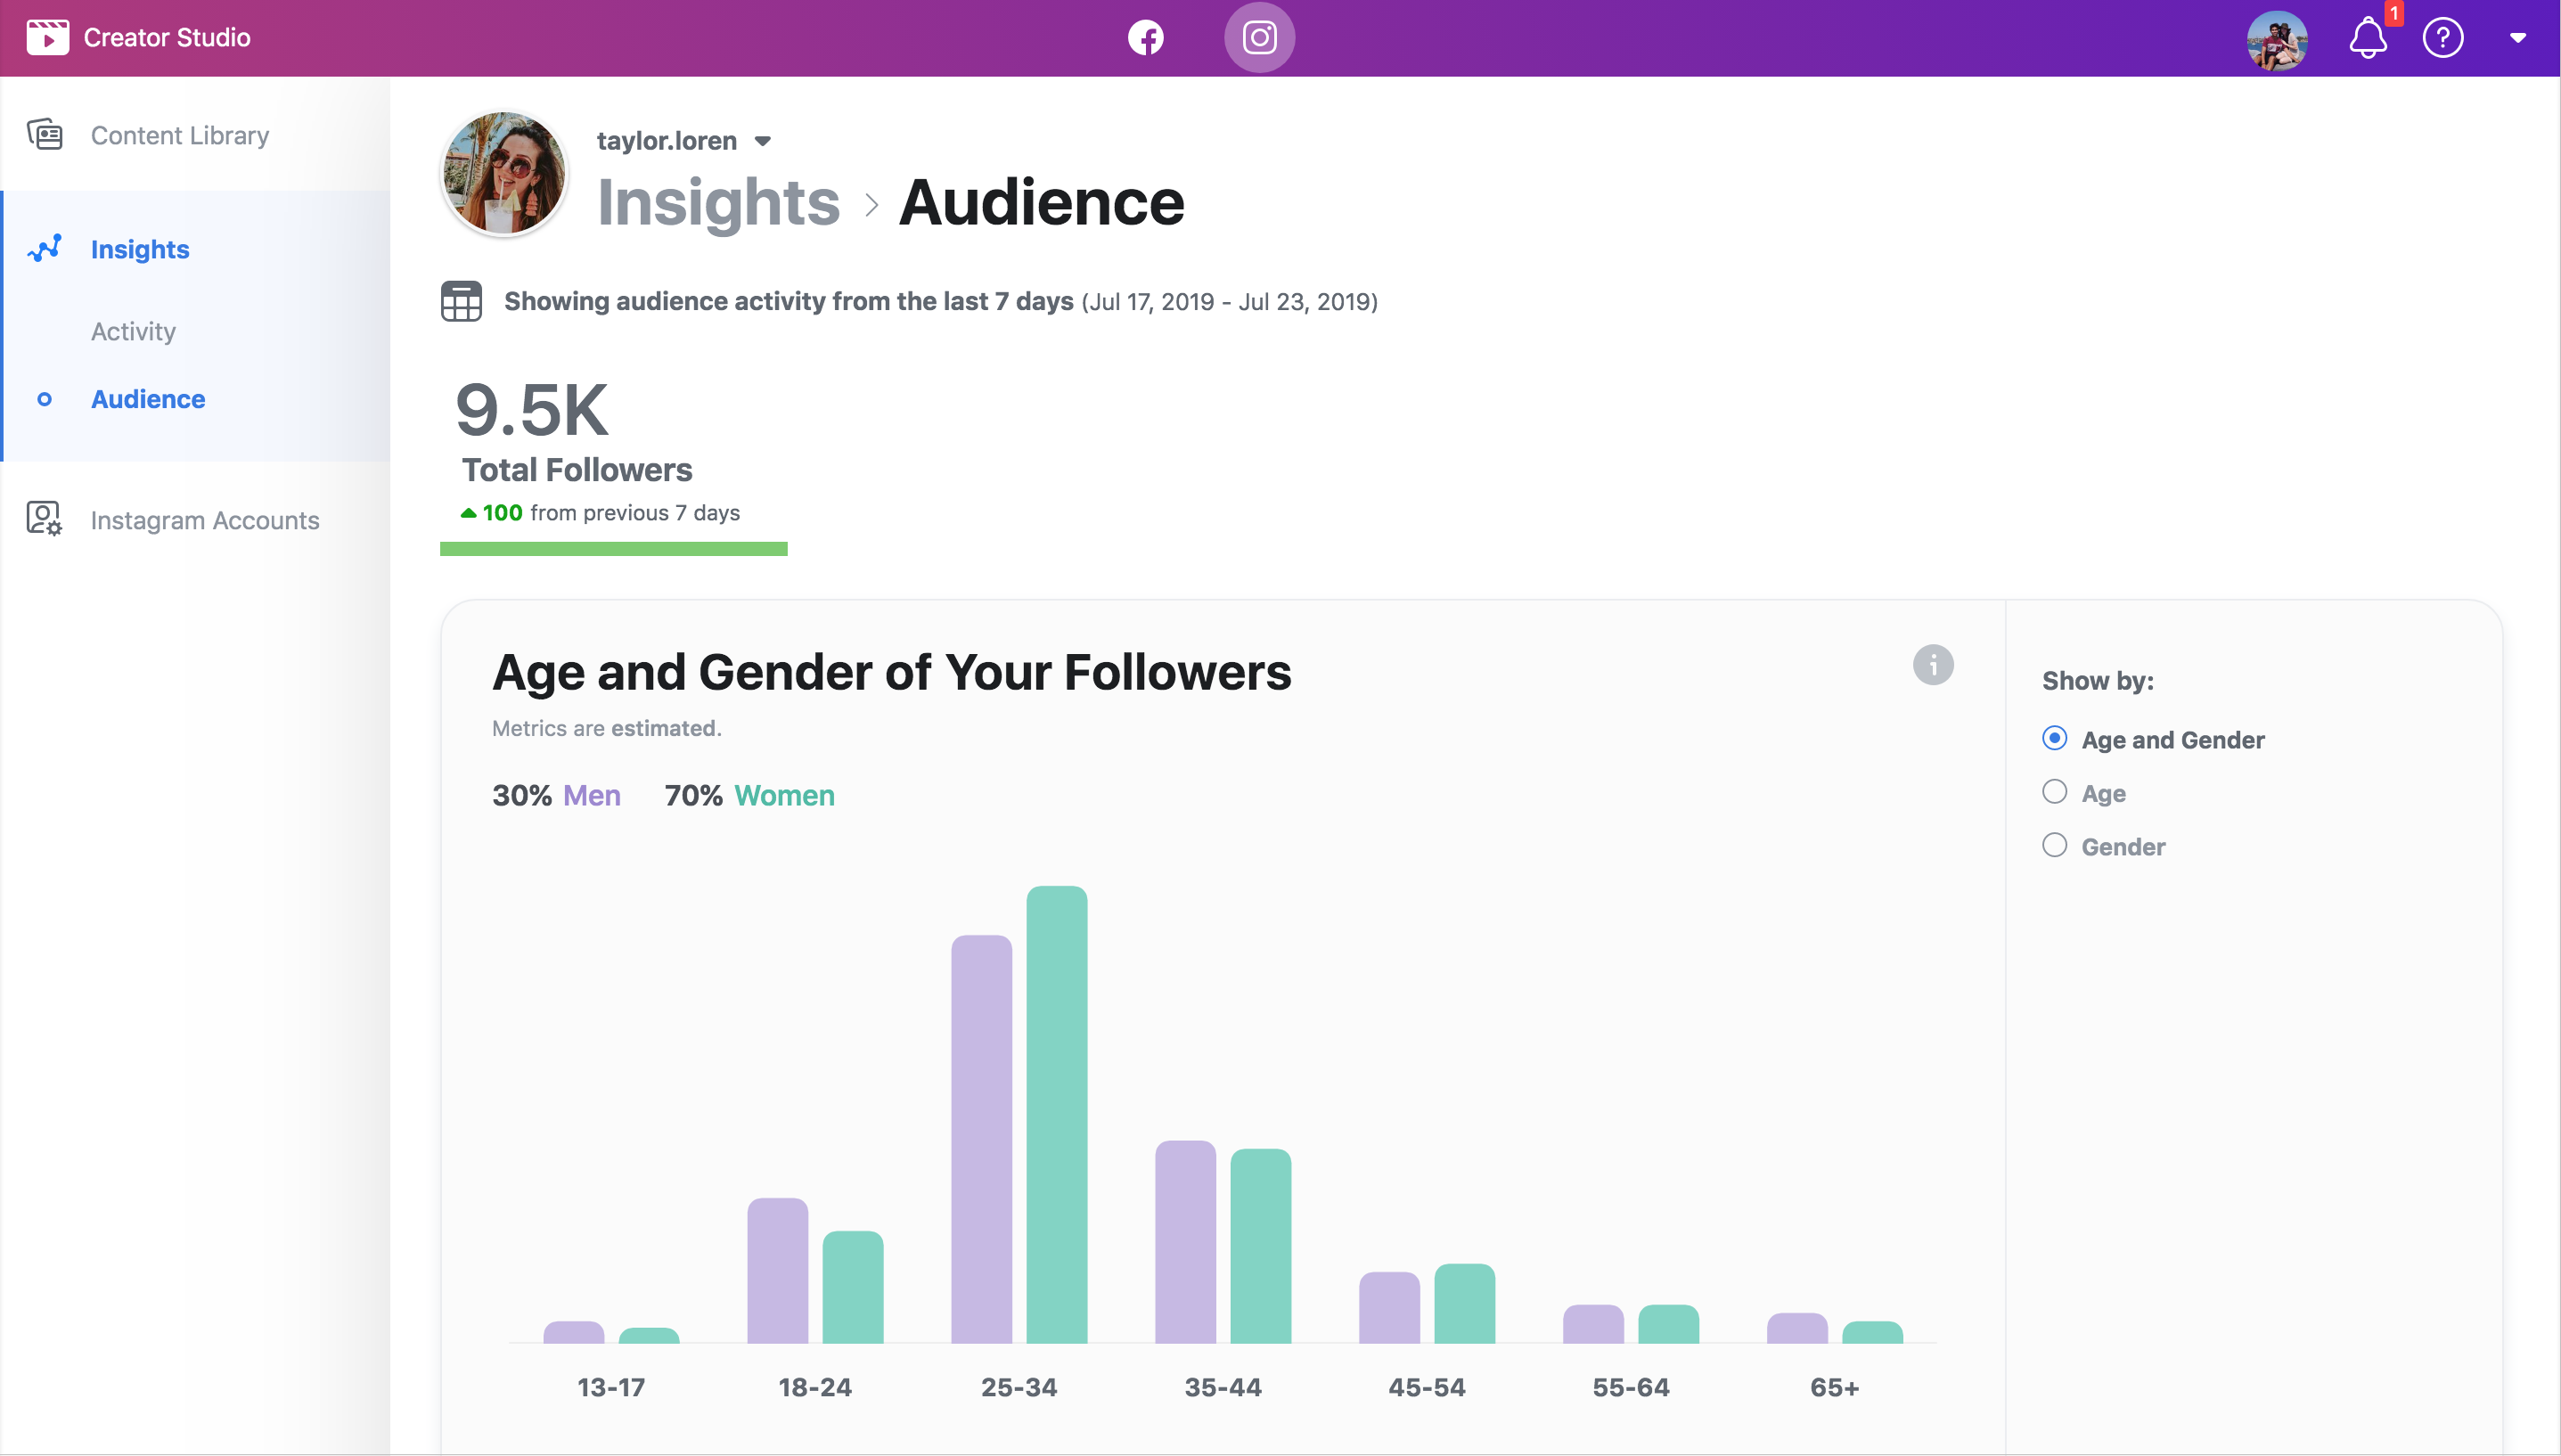 statistique instagram creator studio